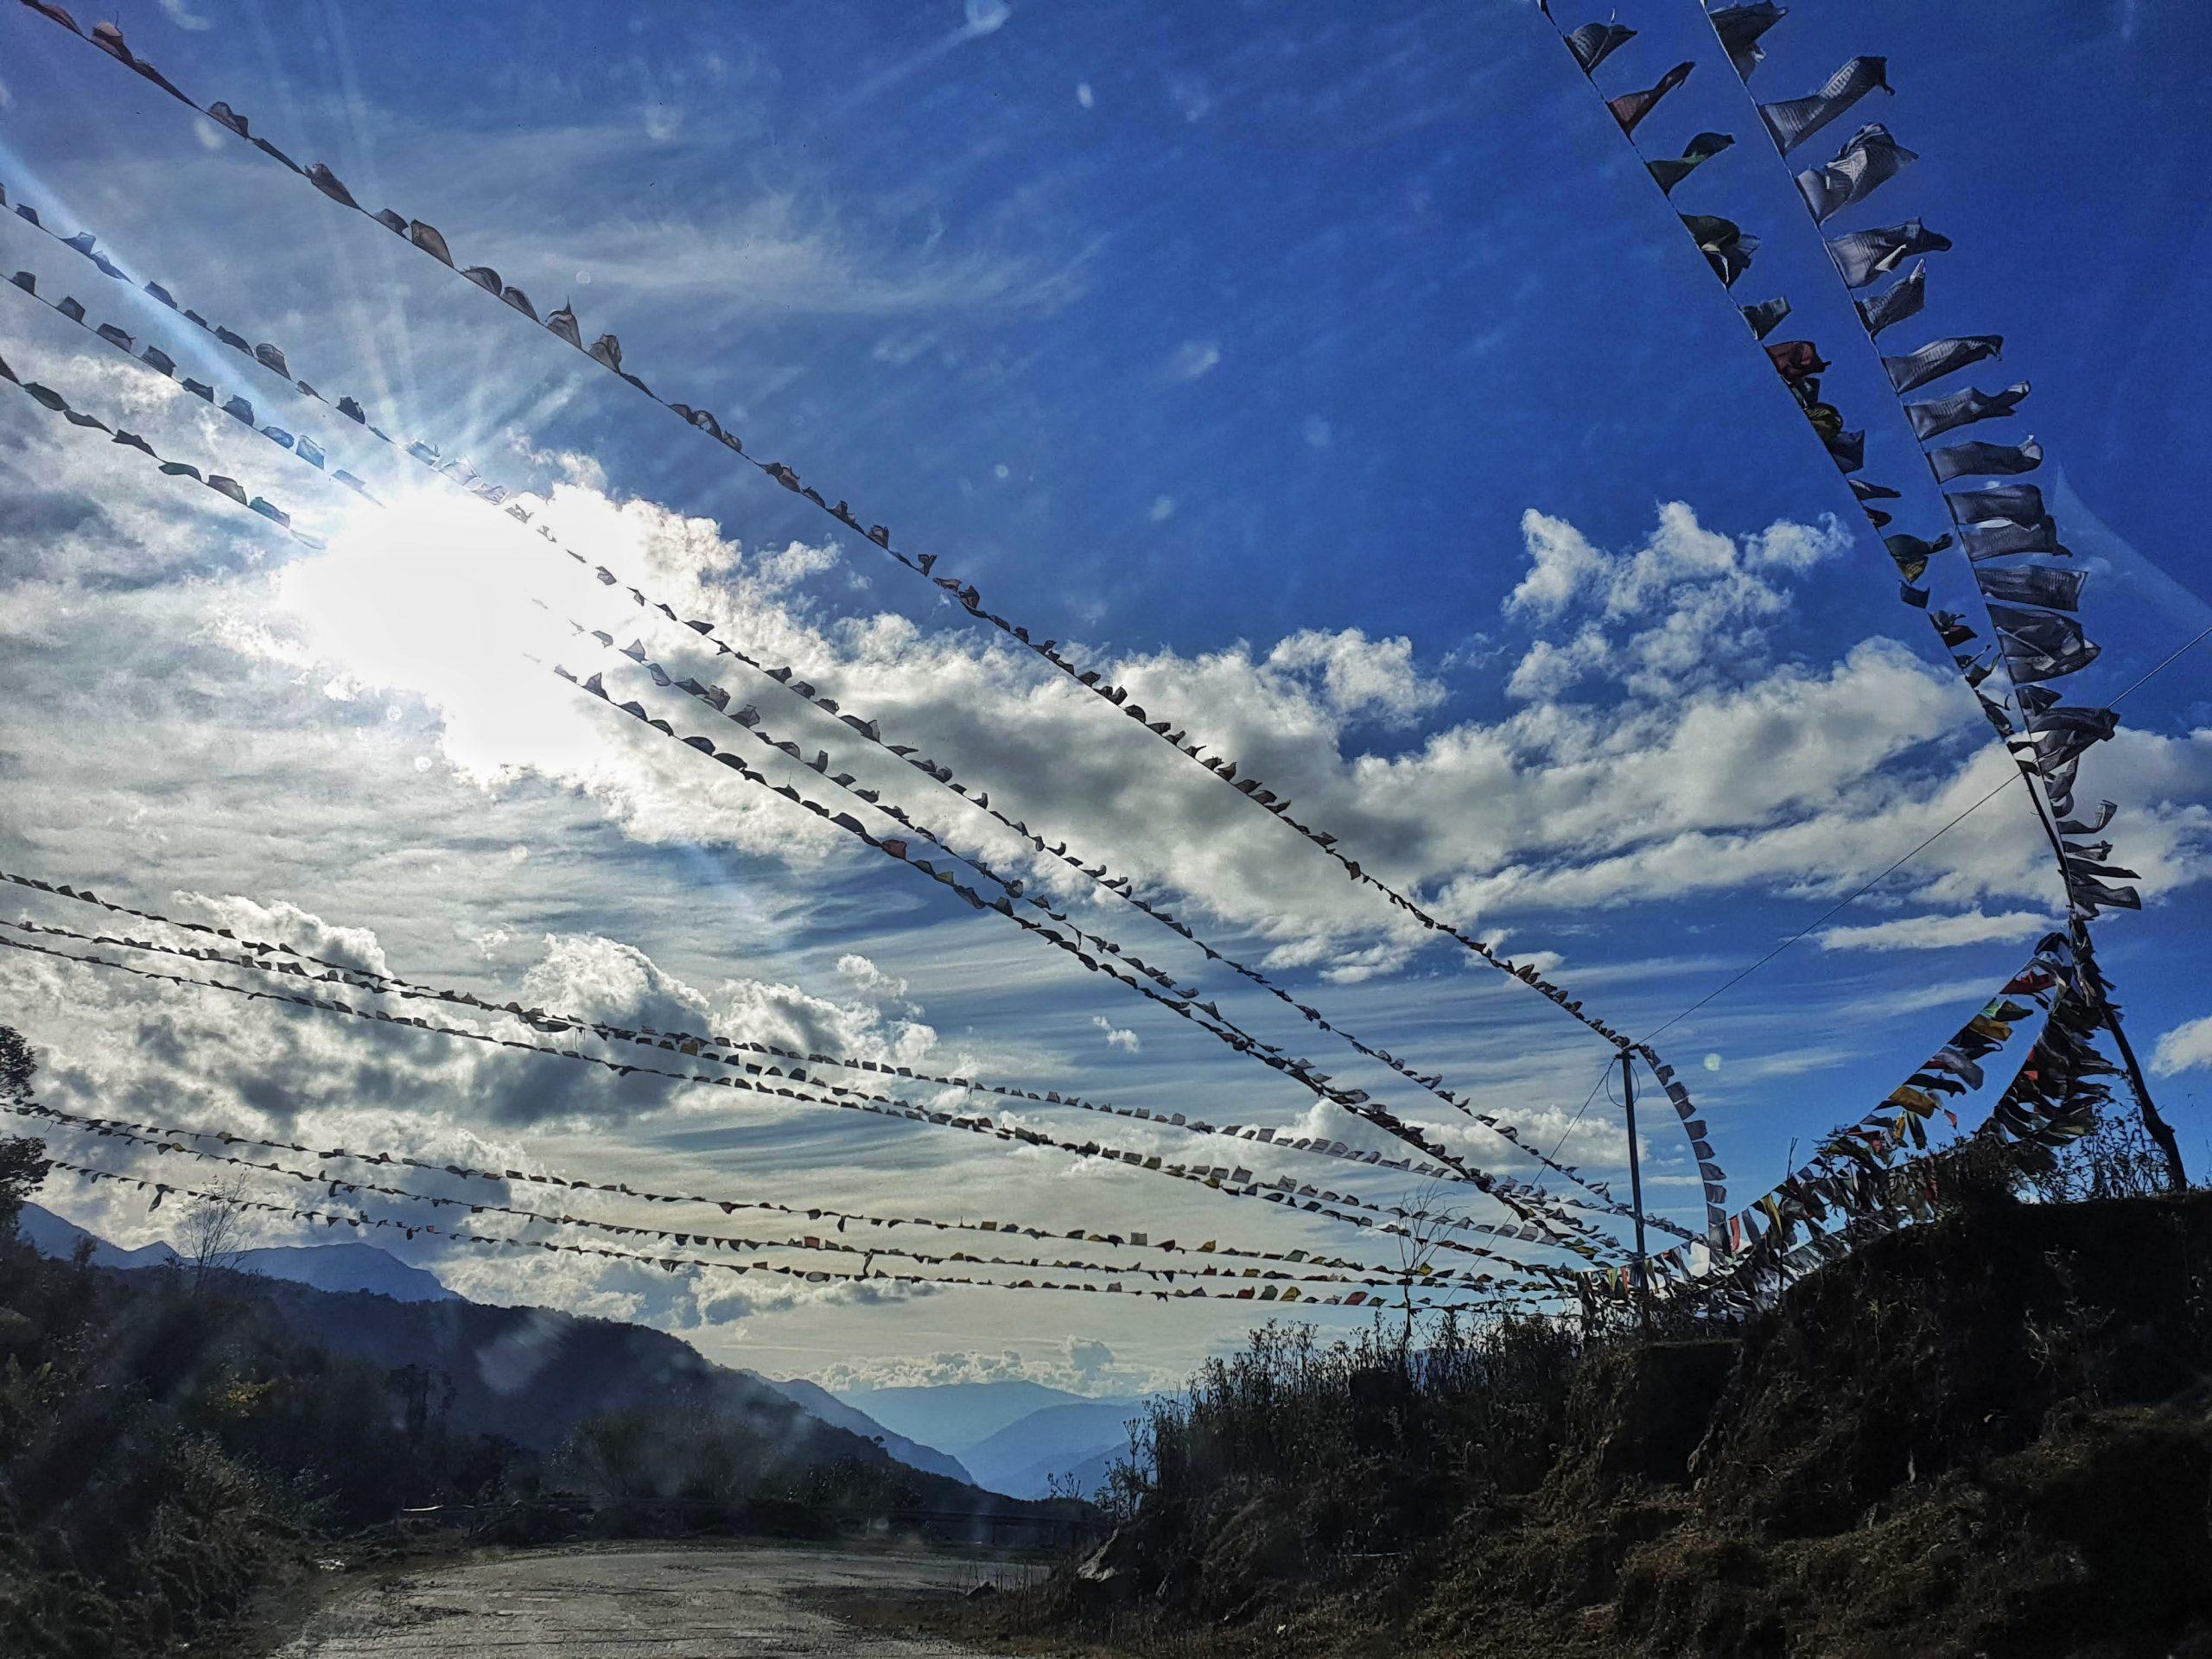 Roadway between Hills - Tawang